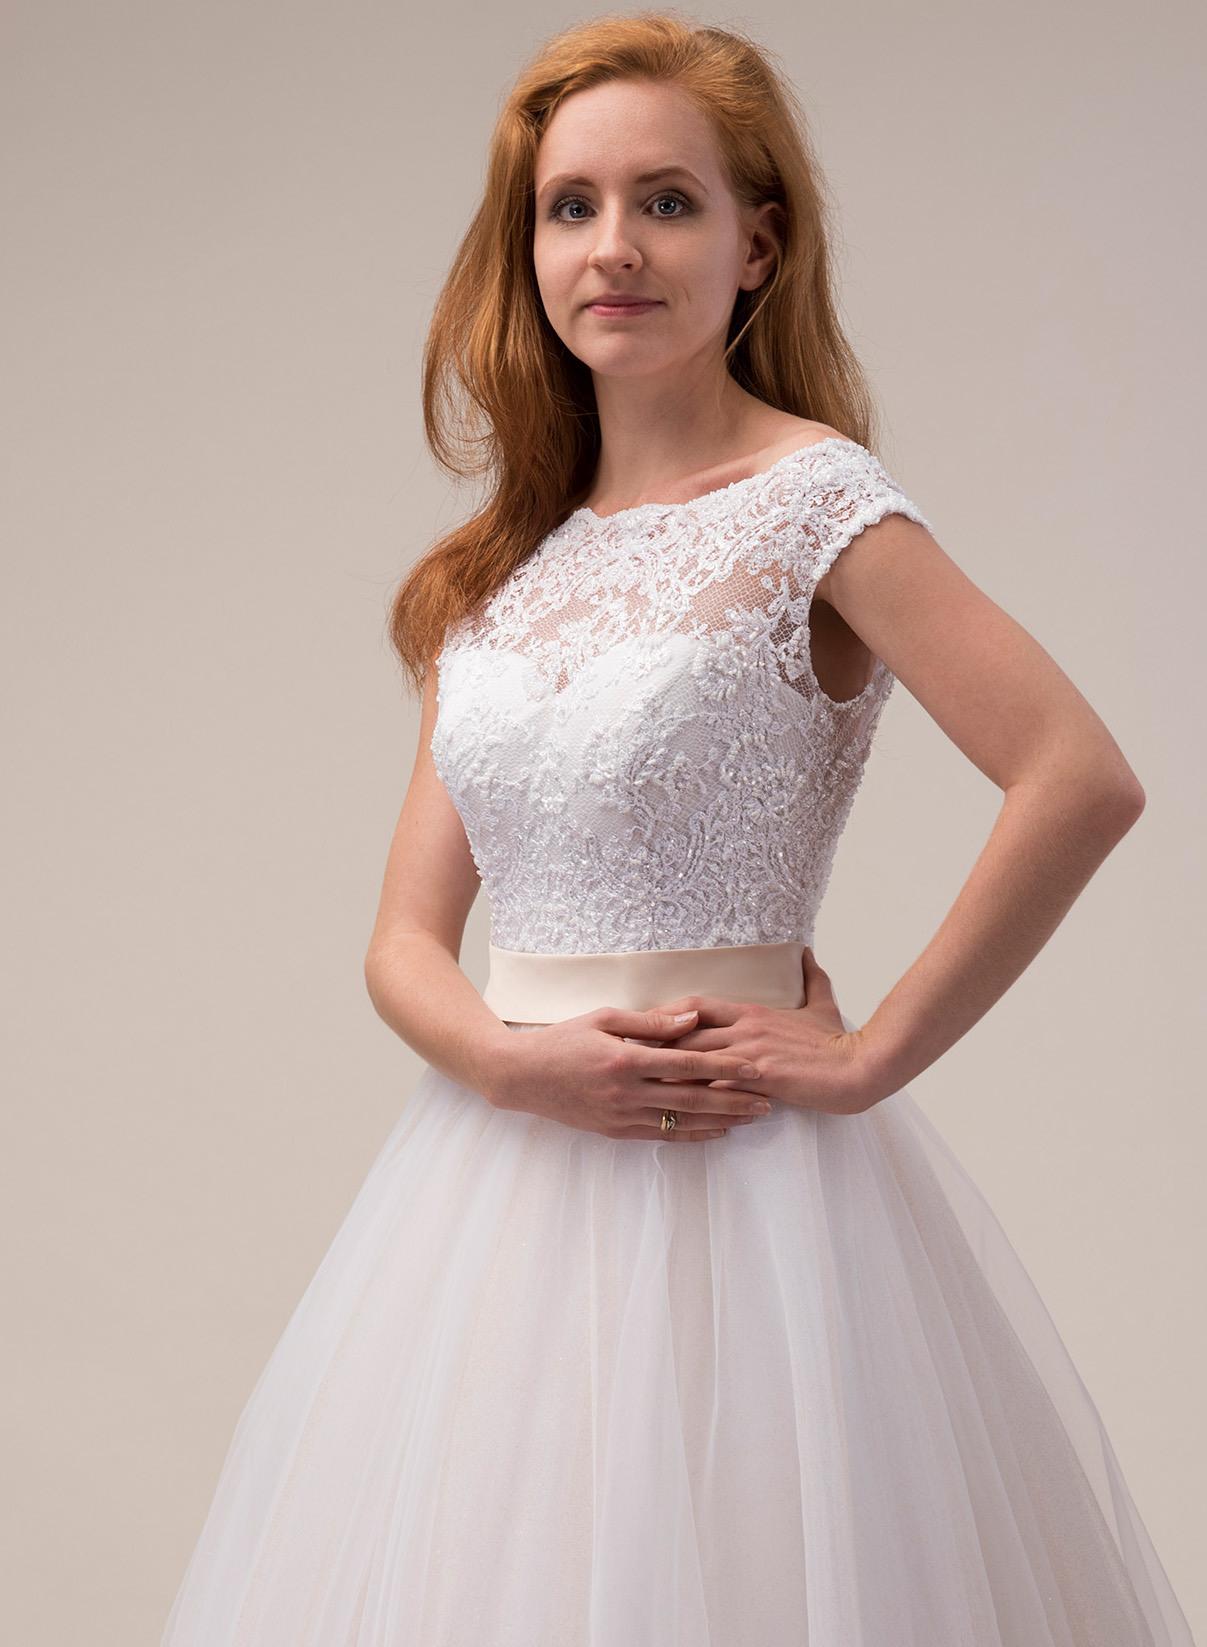 Brautkleid Hochzeitskleid Blush Puder Als Maßanfertigung